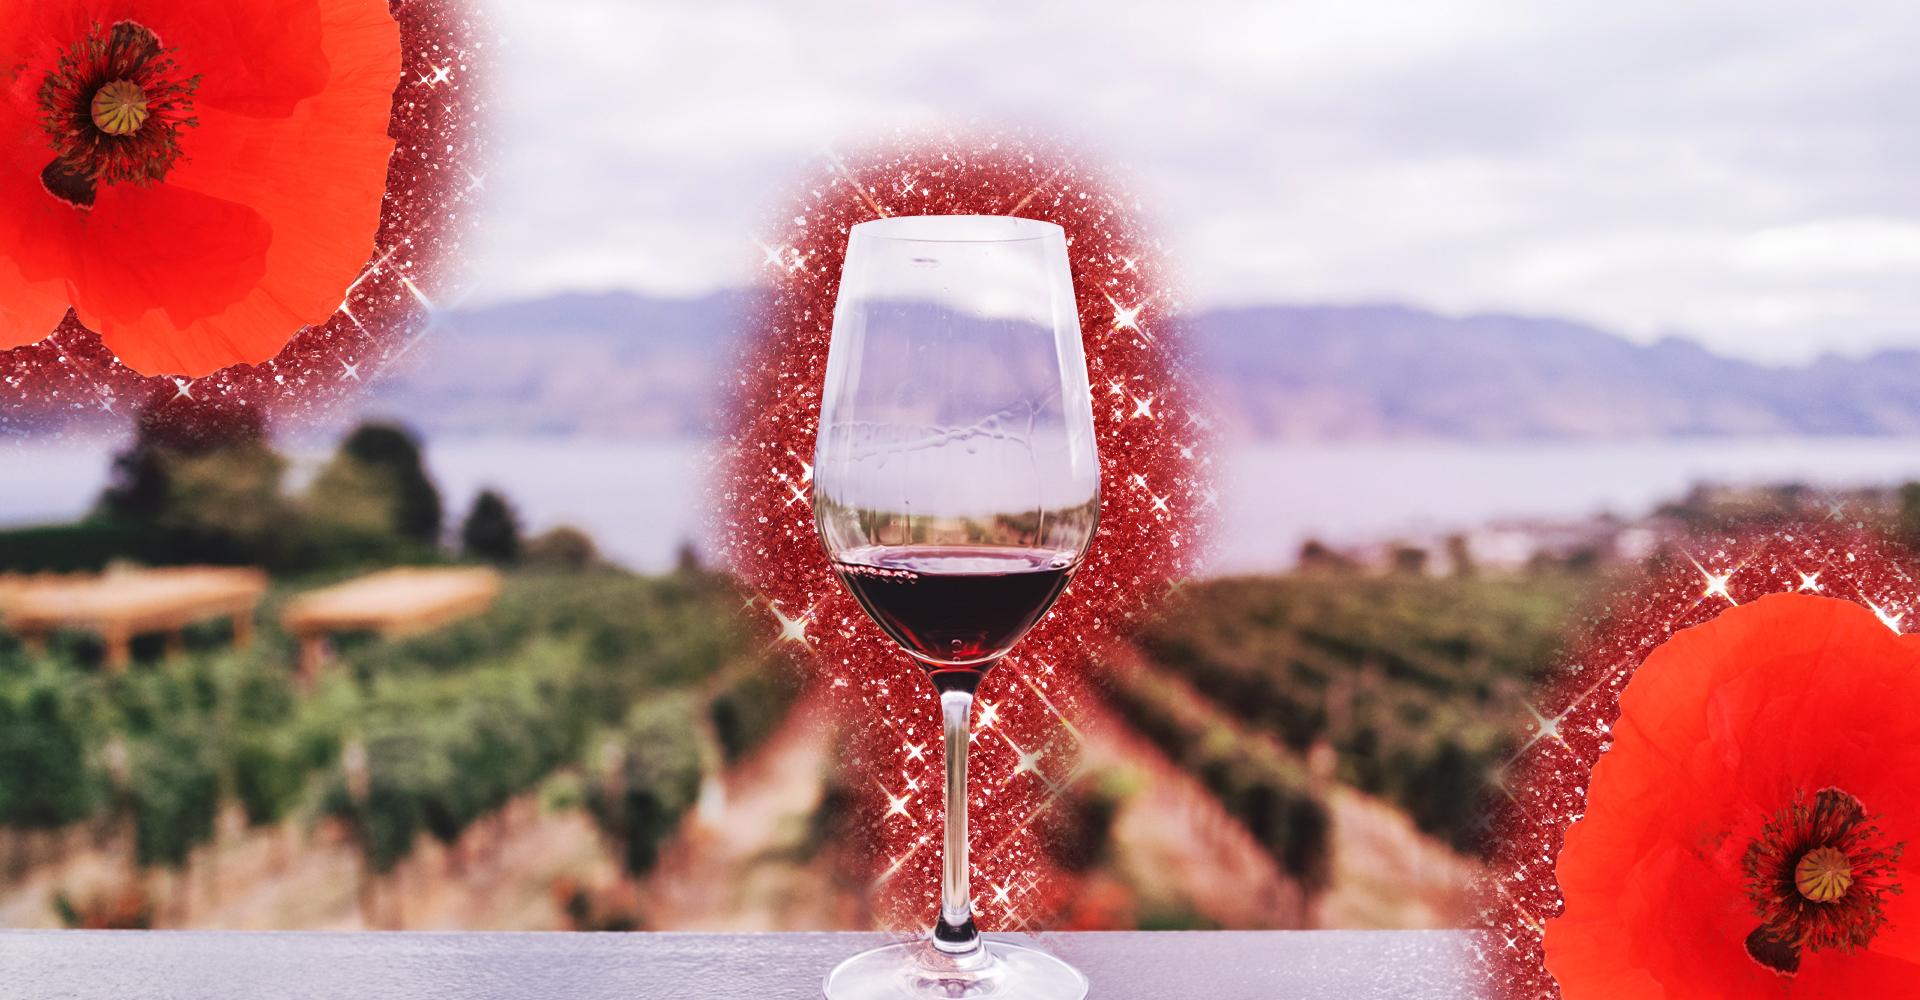 I benefici del vino rosso potrebbero risolvere molti problemi. Lo dice la scienza!